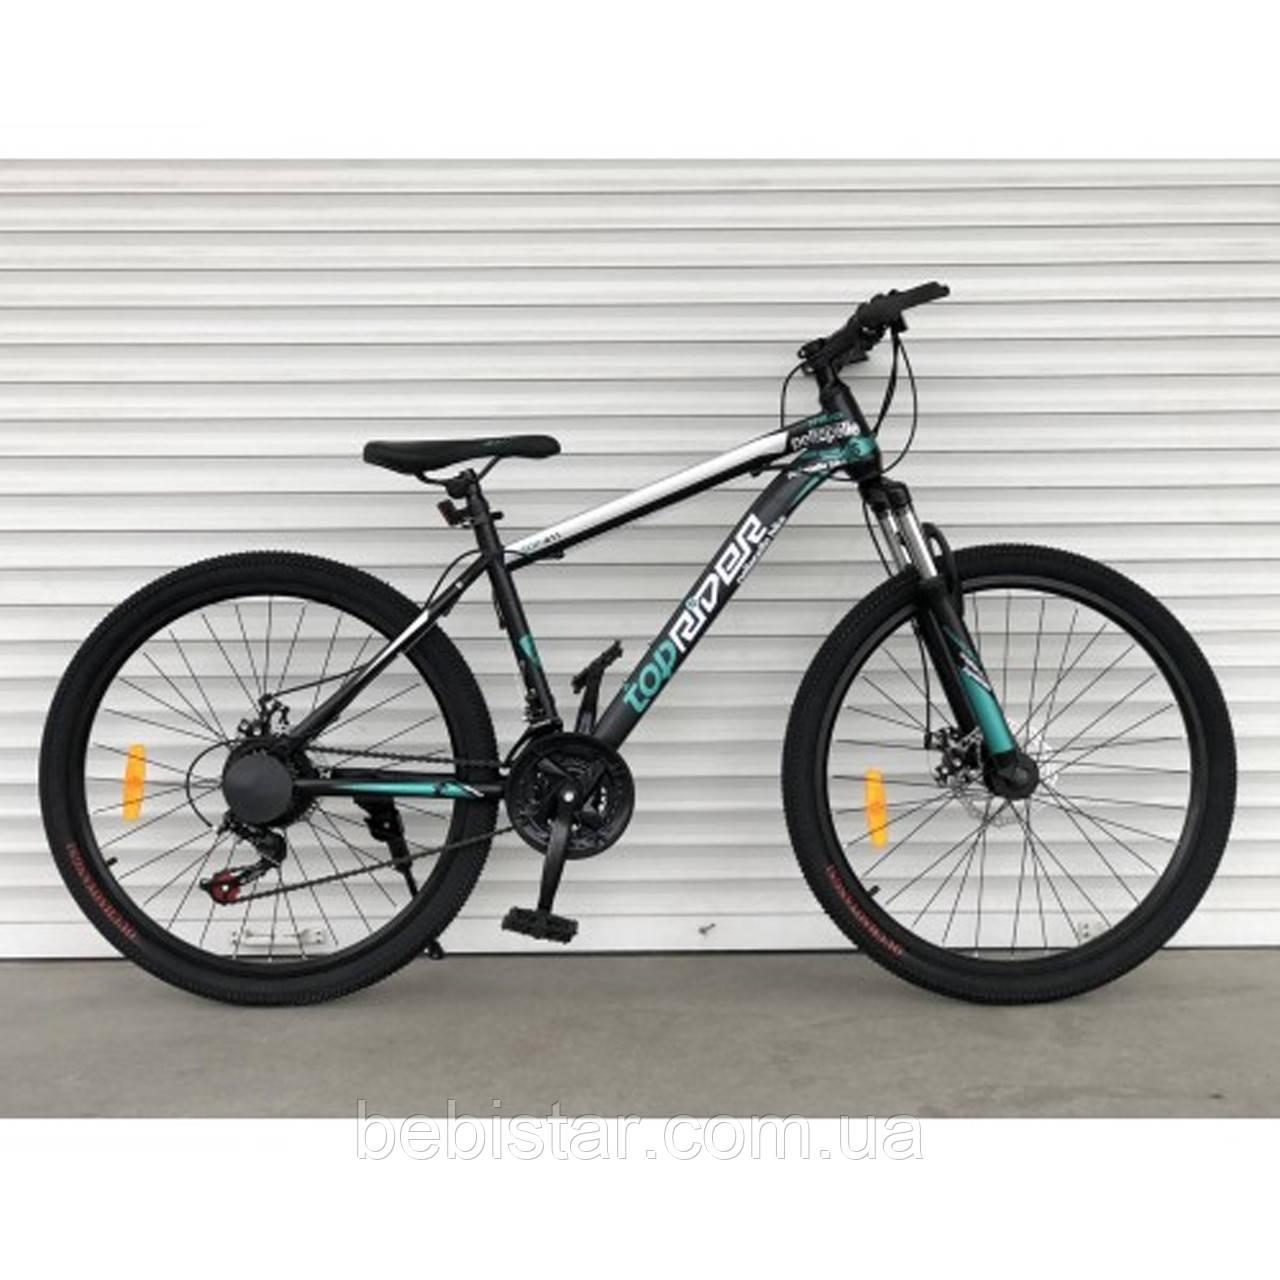 Спортивный велосипед бирюза ТopRider 26 дюймов 21скорость металлическая рама17 детям с 14 лет рост от 160см